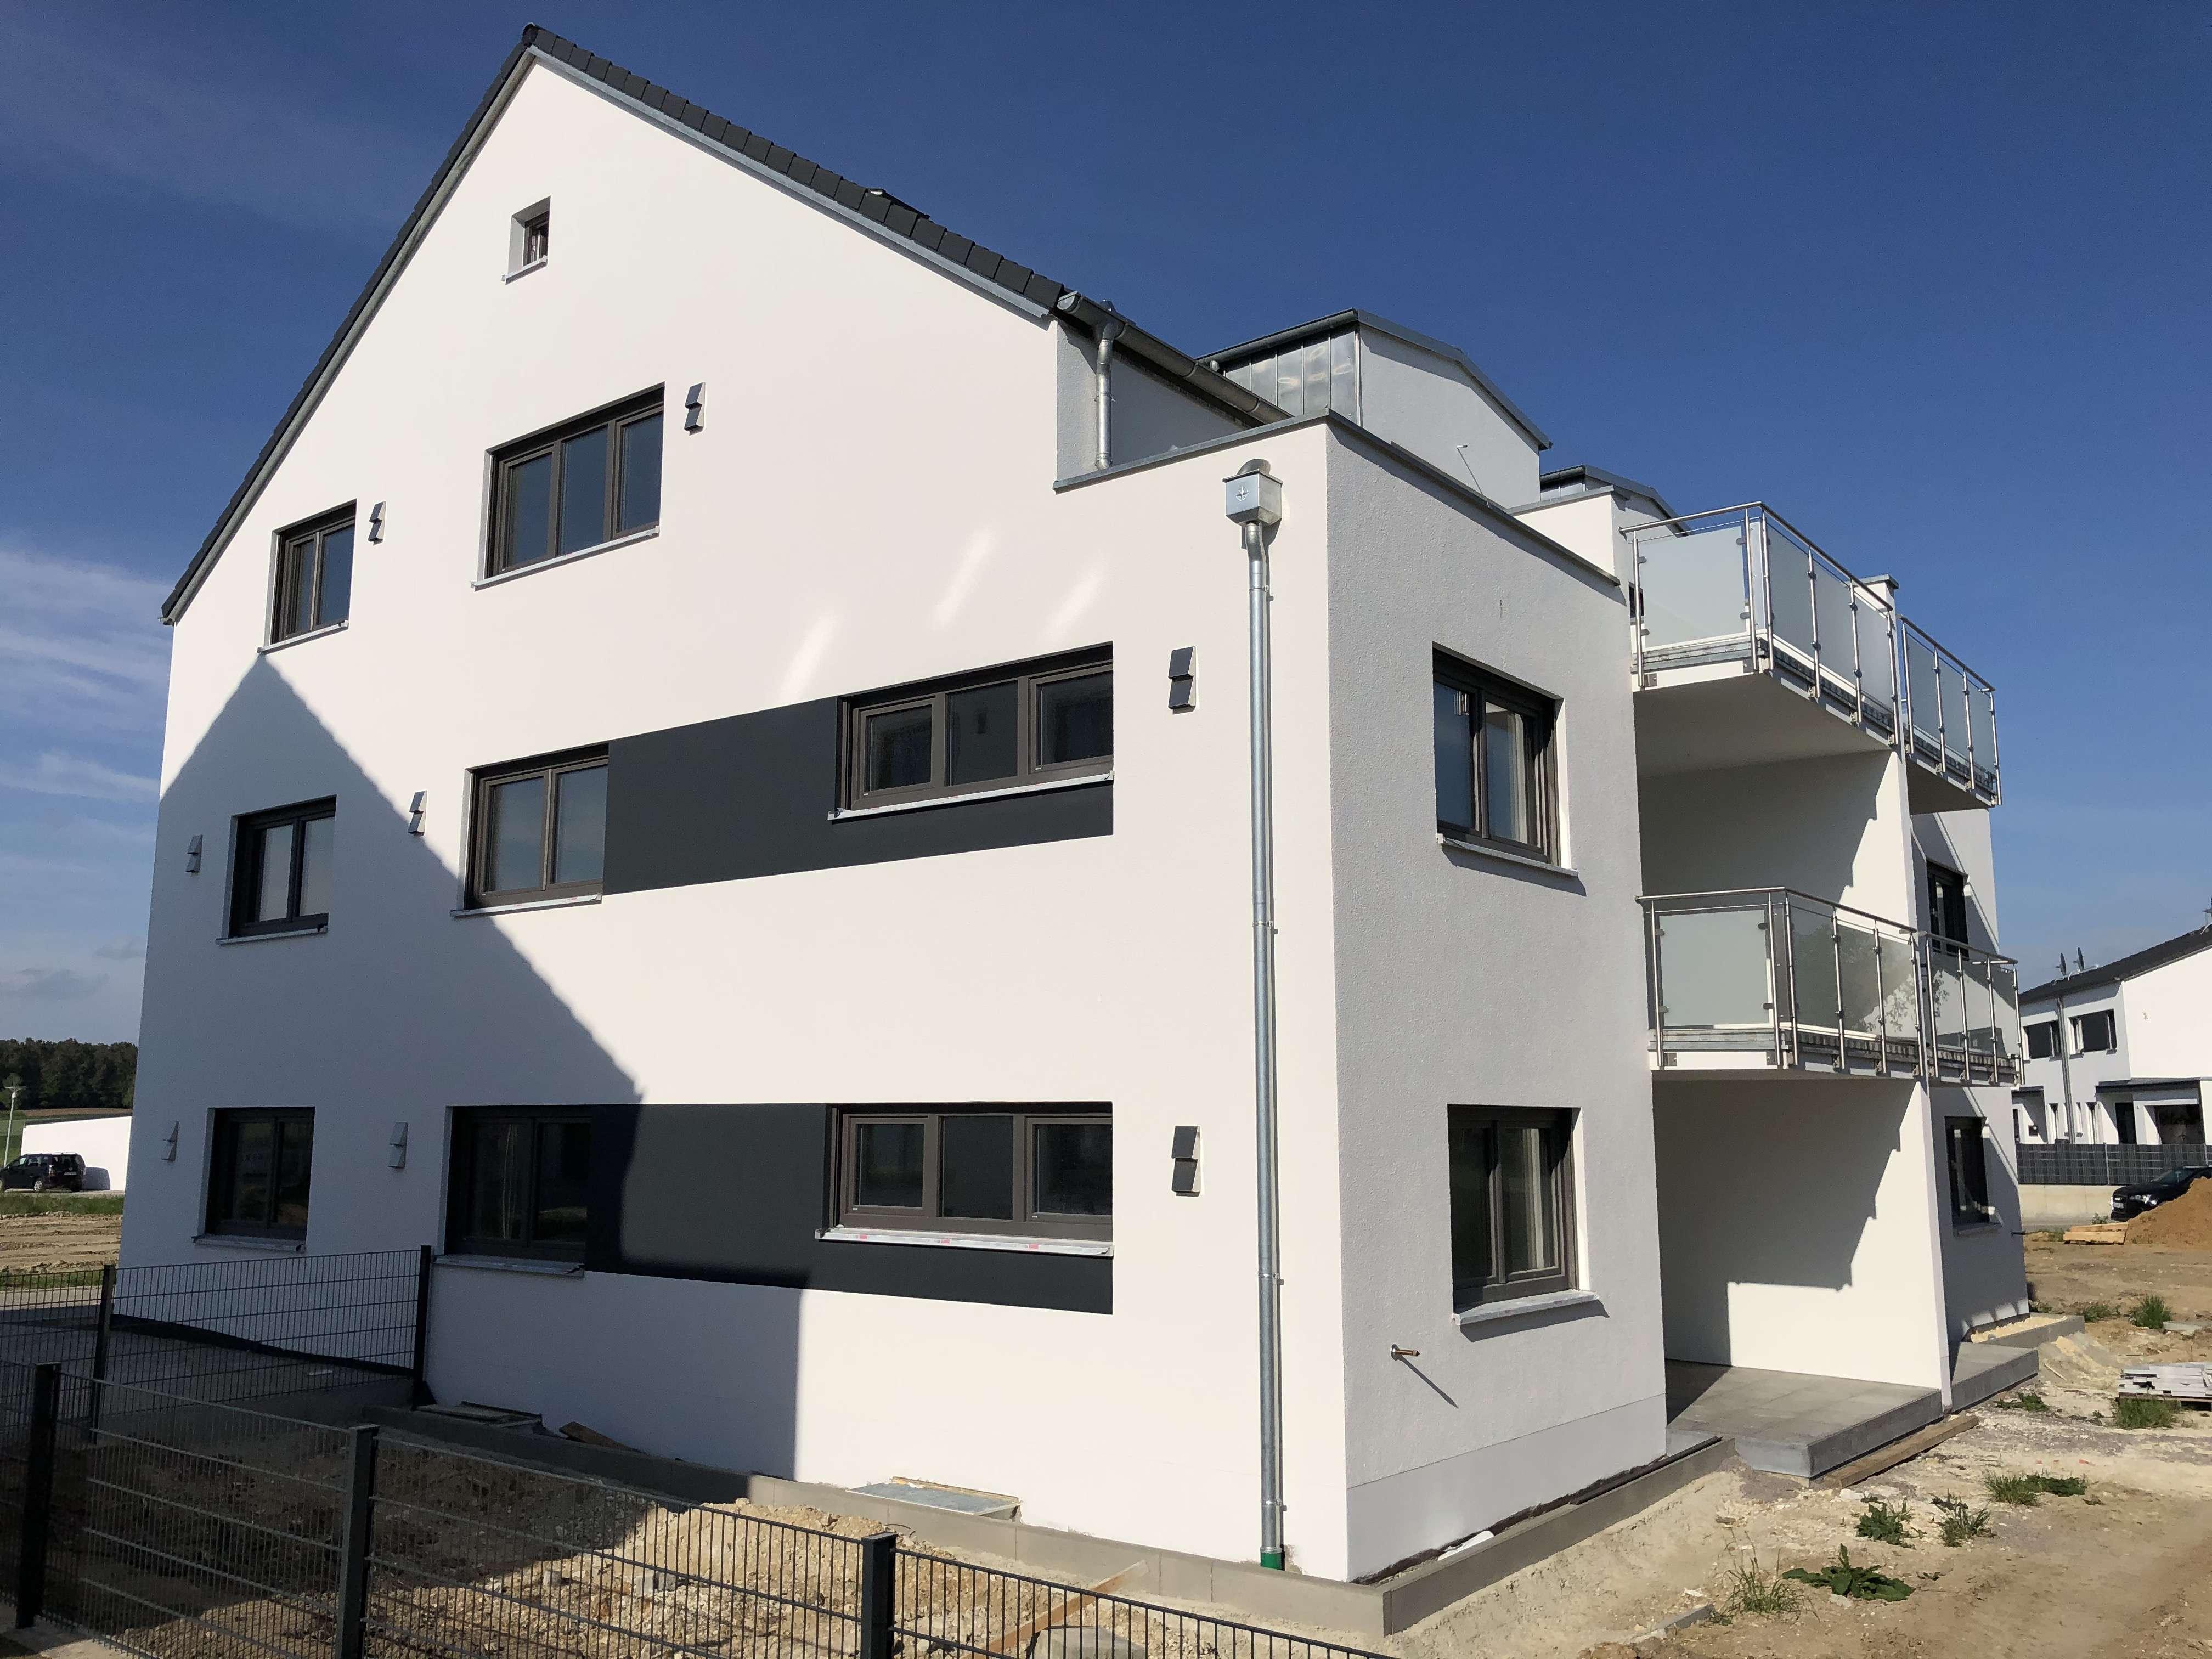 Erstbezug 6-Familienhaus: freundliche 3-Zimmer-Wohnung in Abensberg (OT Schwaighausen) in